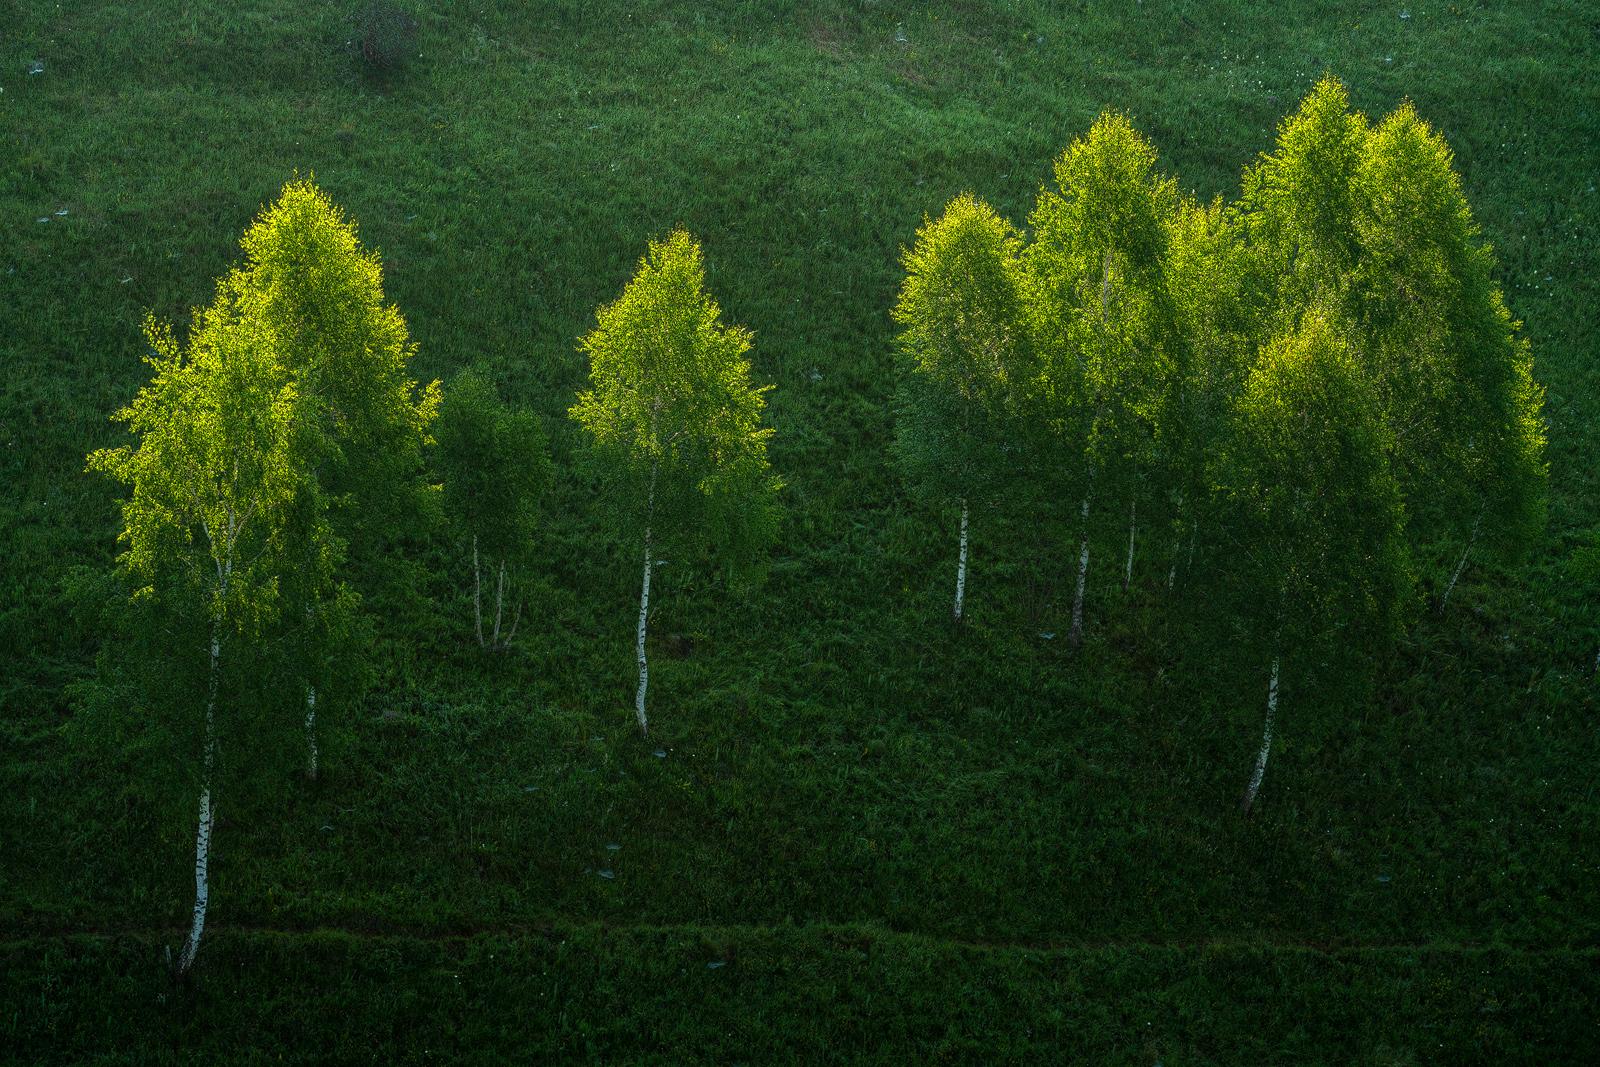 Nature - Photo 18